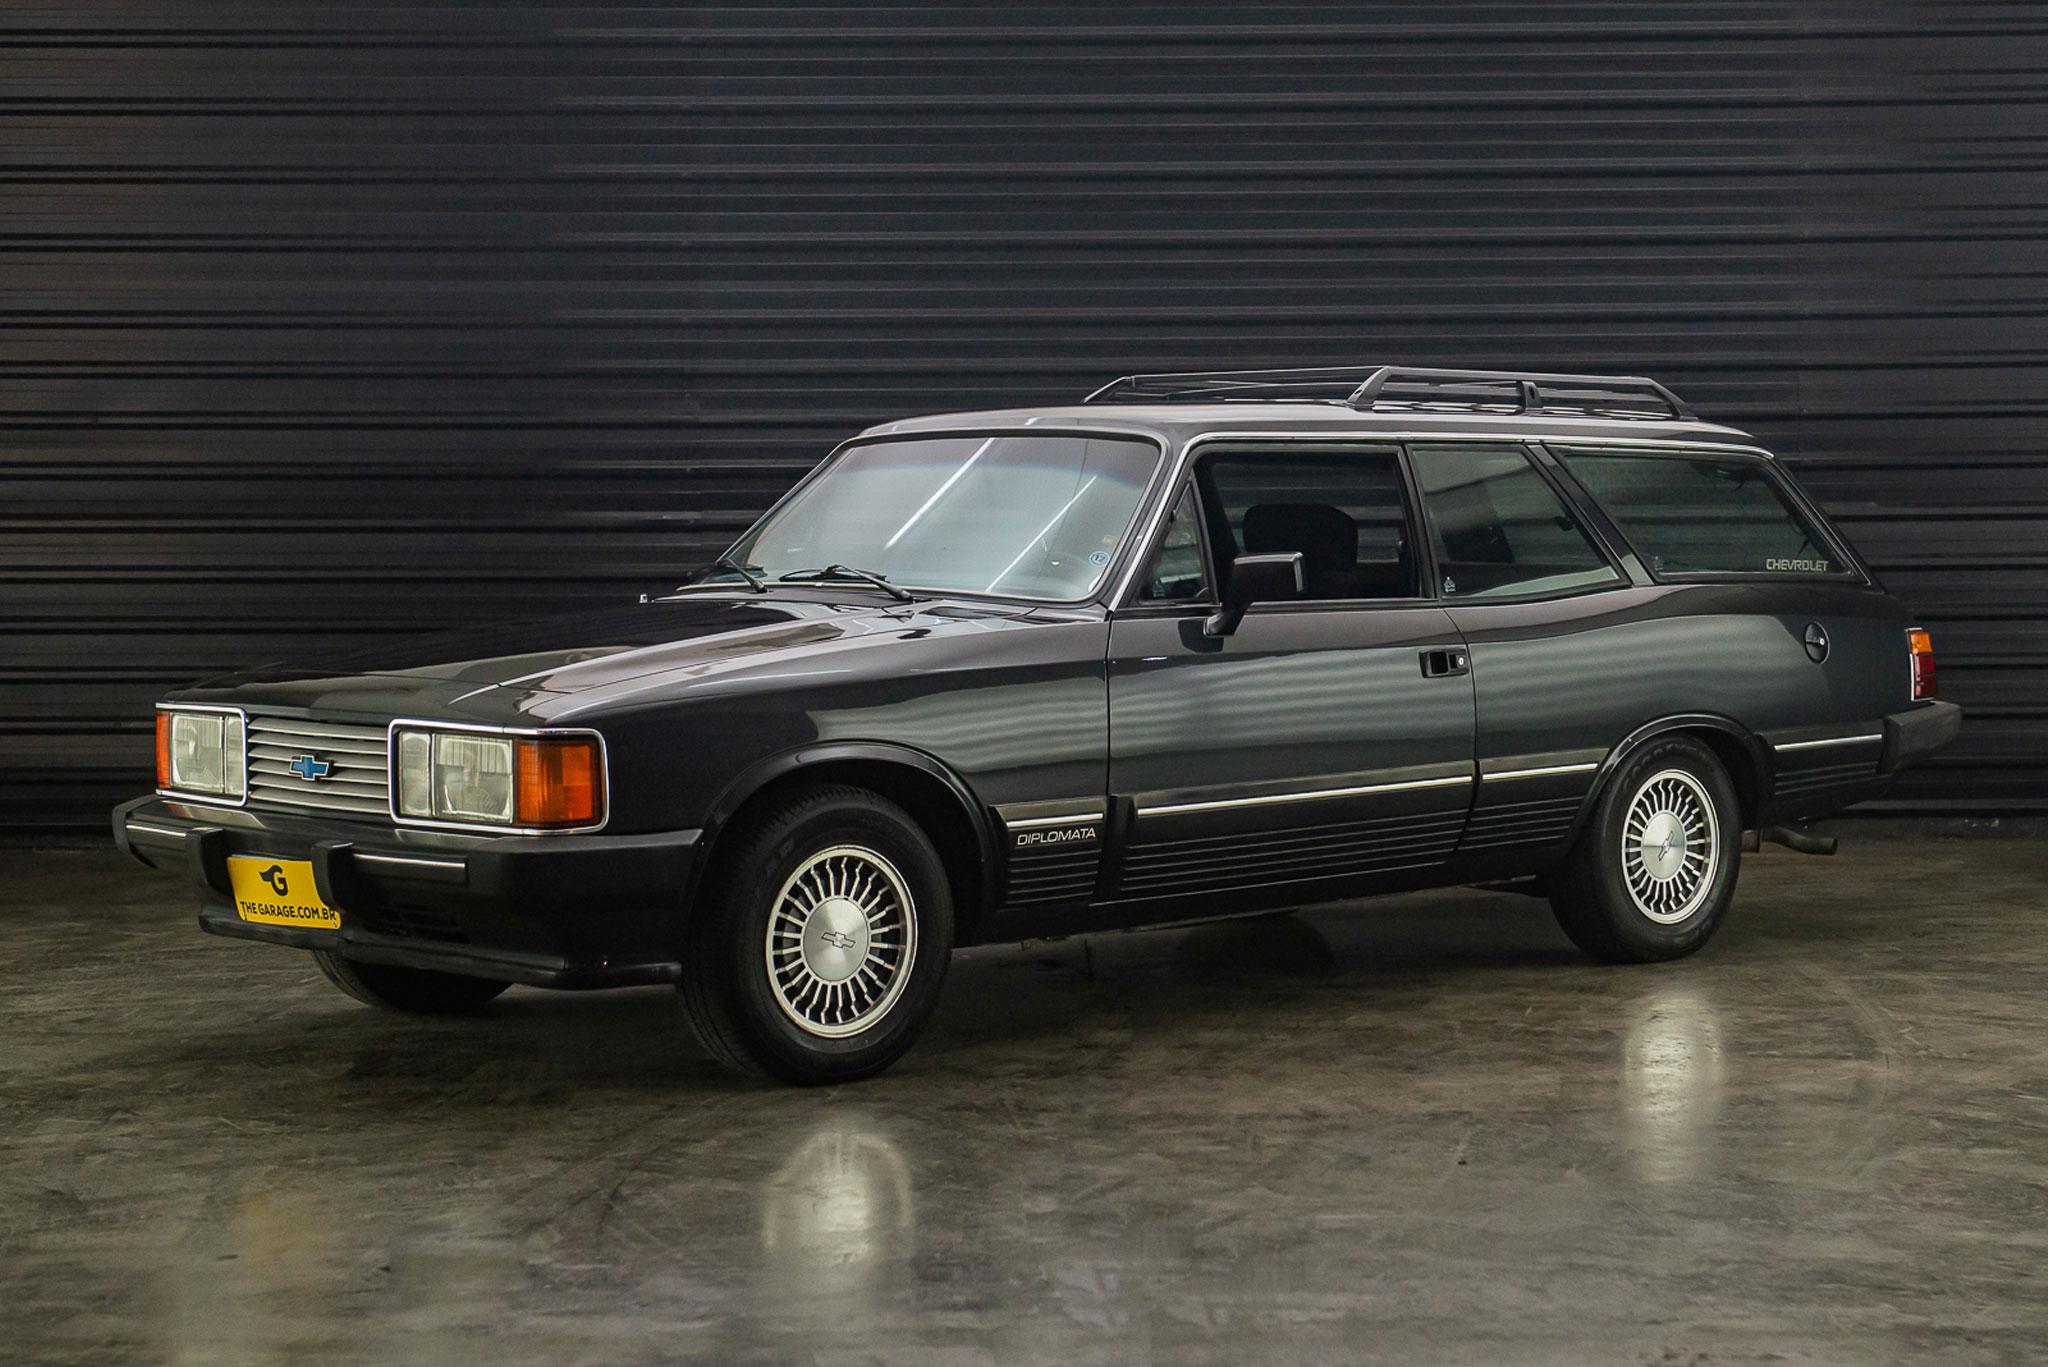 1987-chevrolet-caravan-diplomata-a-venda-sao-paulo-sp-for-sale-the-garage-classicos-a-melhor-loja-de-carros-antigos-acervo-de-carros-26